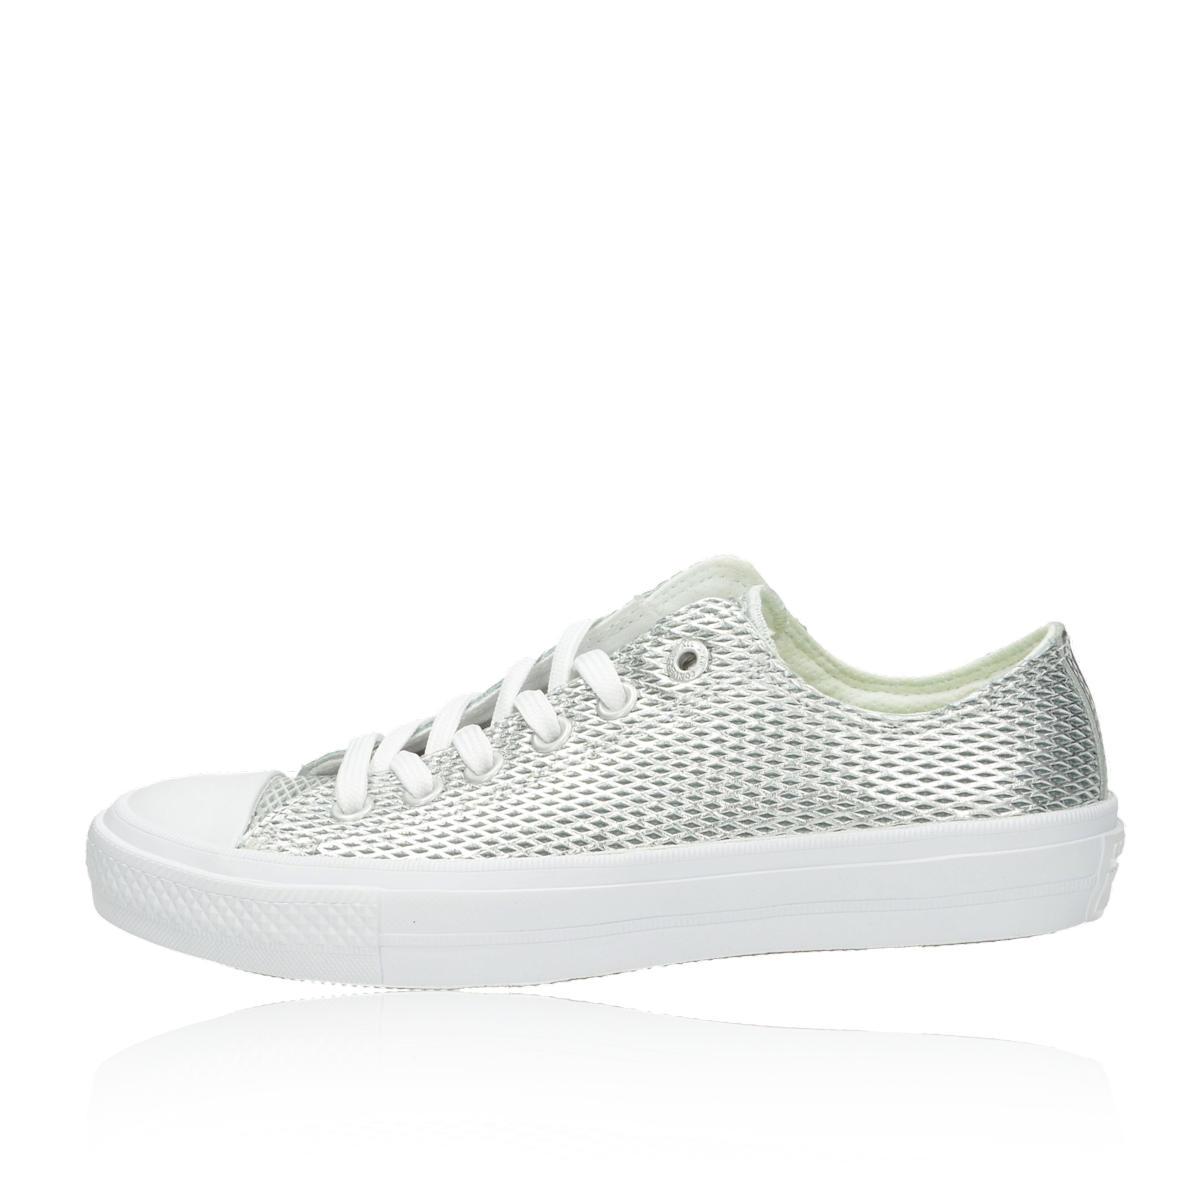 Dámska obuv - značkové tenisky CONVERSE online  e0ae2d6f8fd